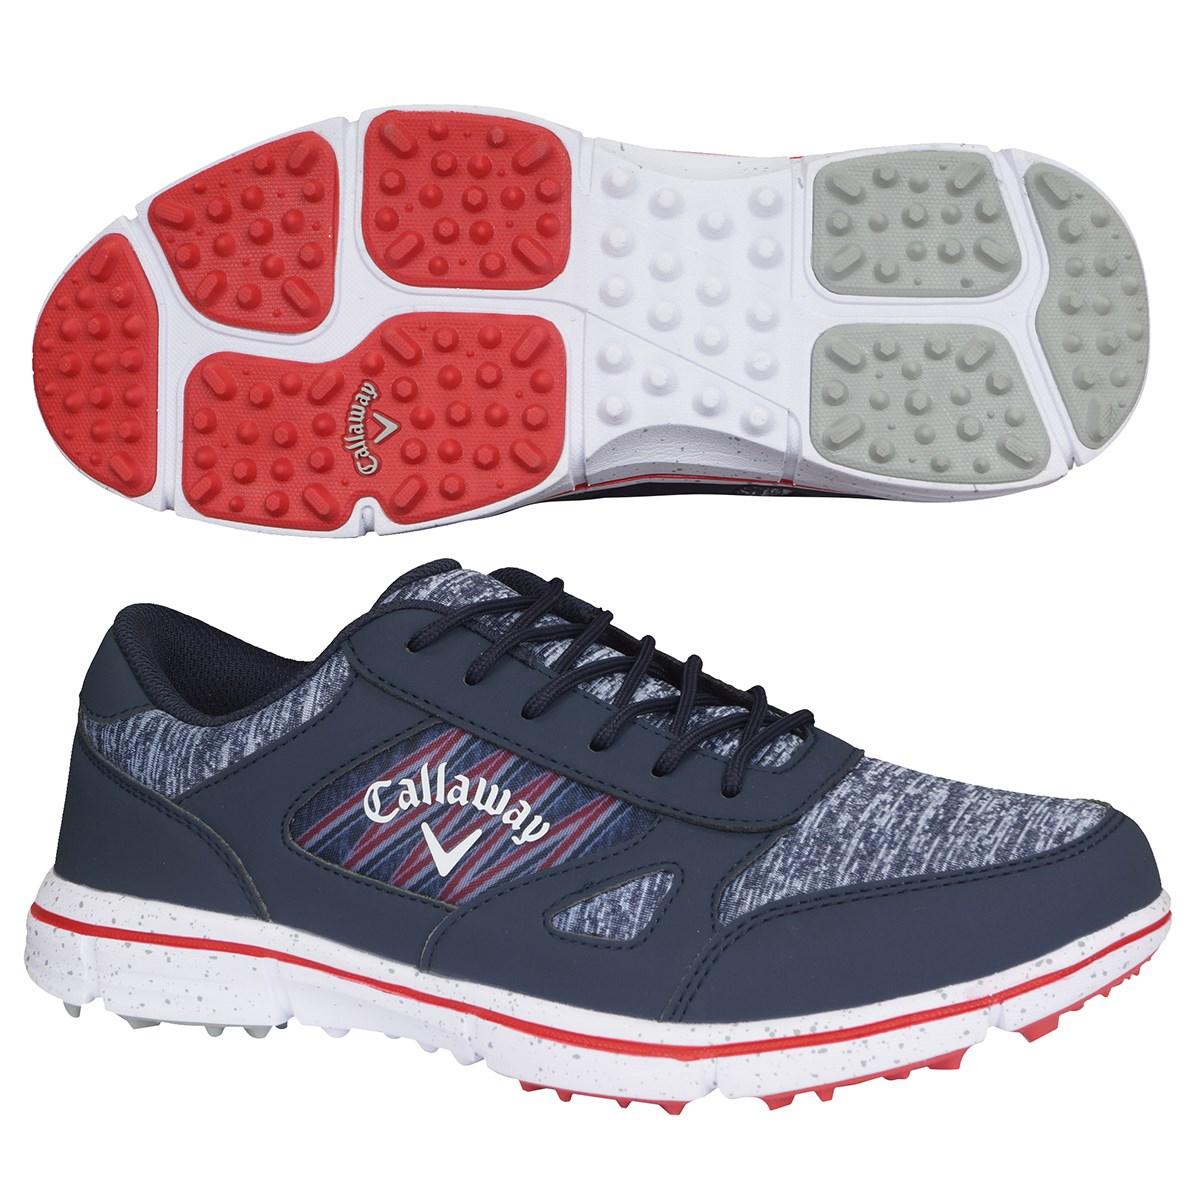 キャロウェイゴルフ Callaway Golf SOLAIRE 20 ゴルフシューズ 26.5cm ネイビー 120